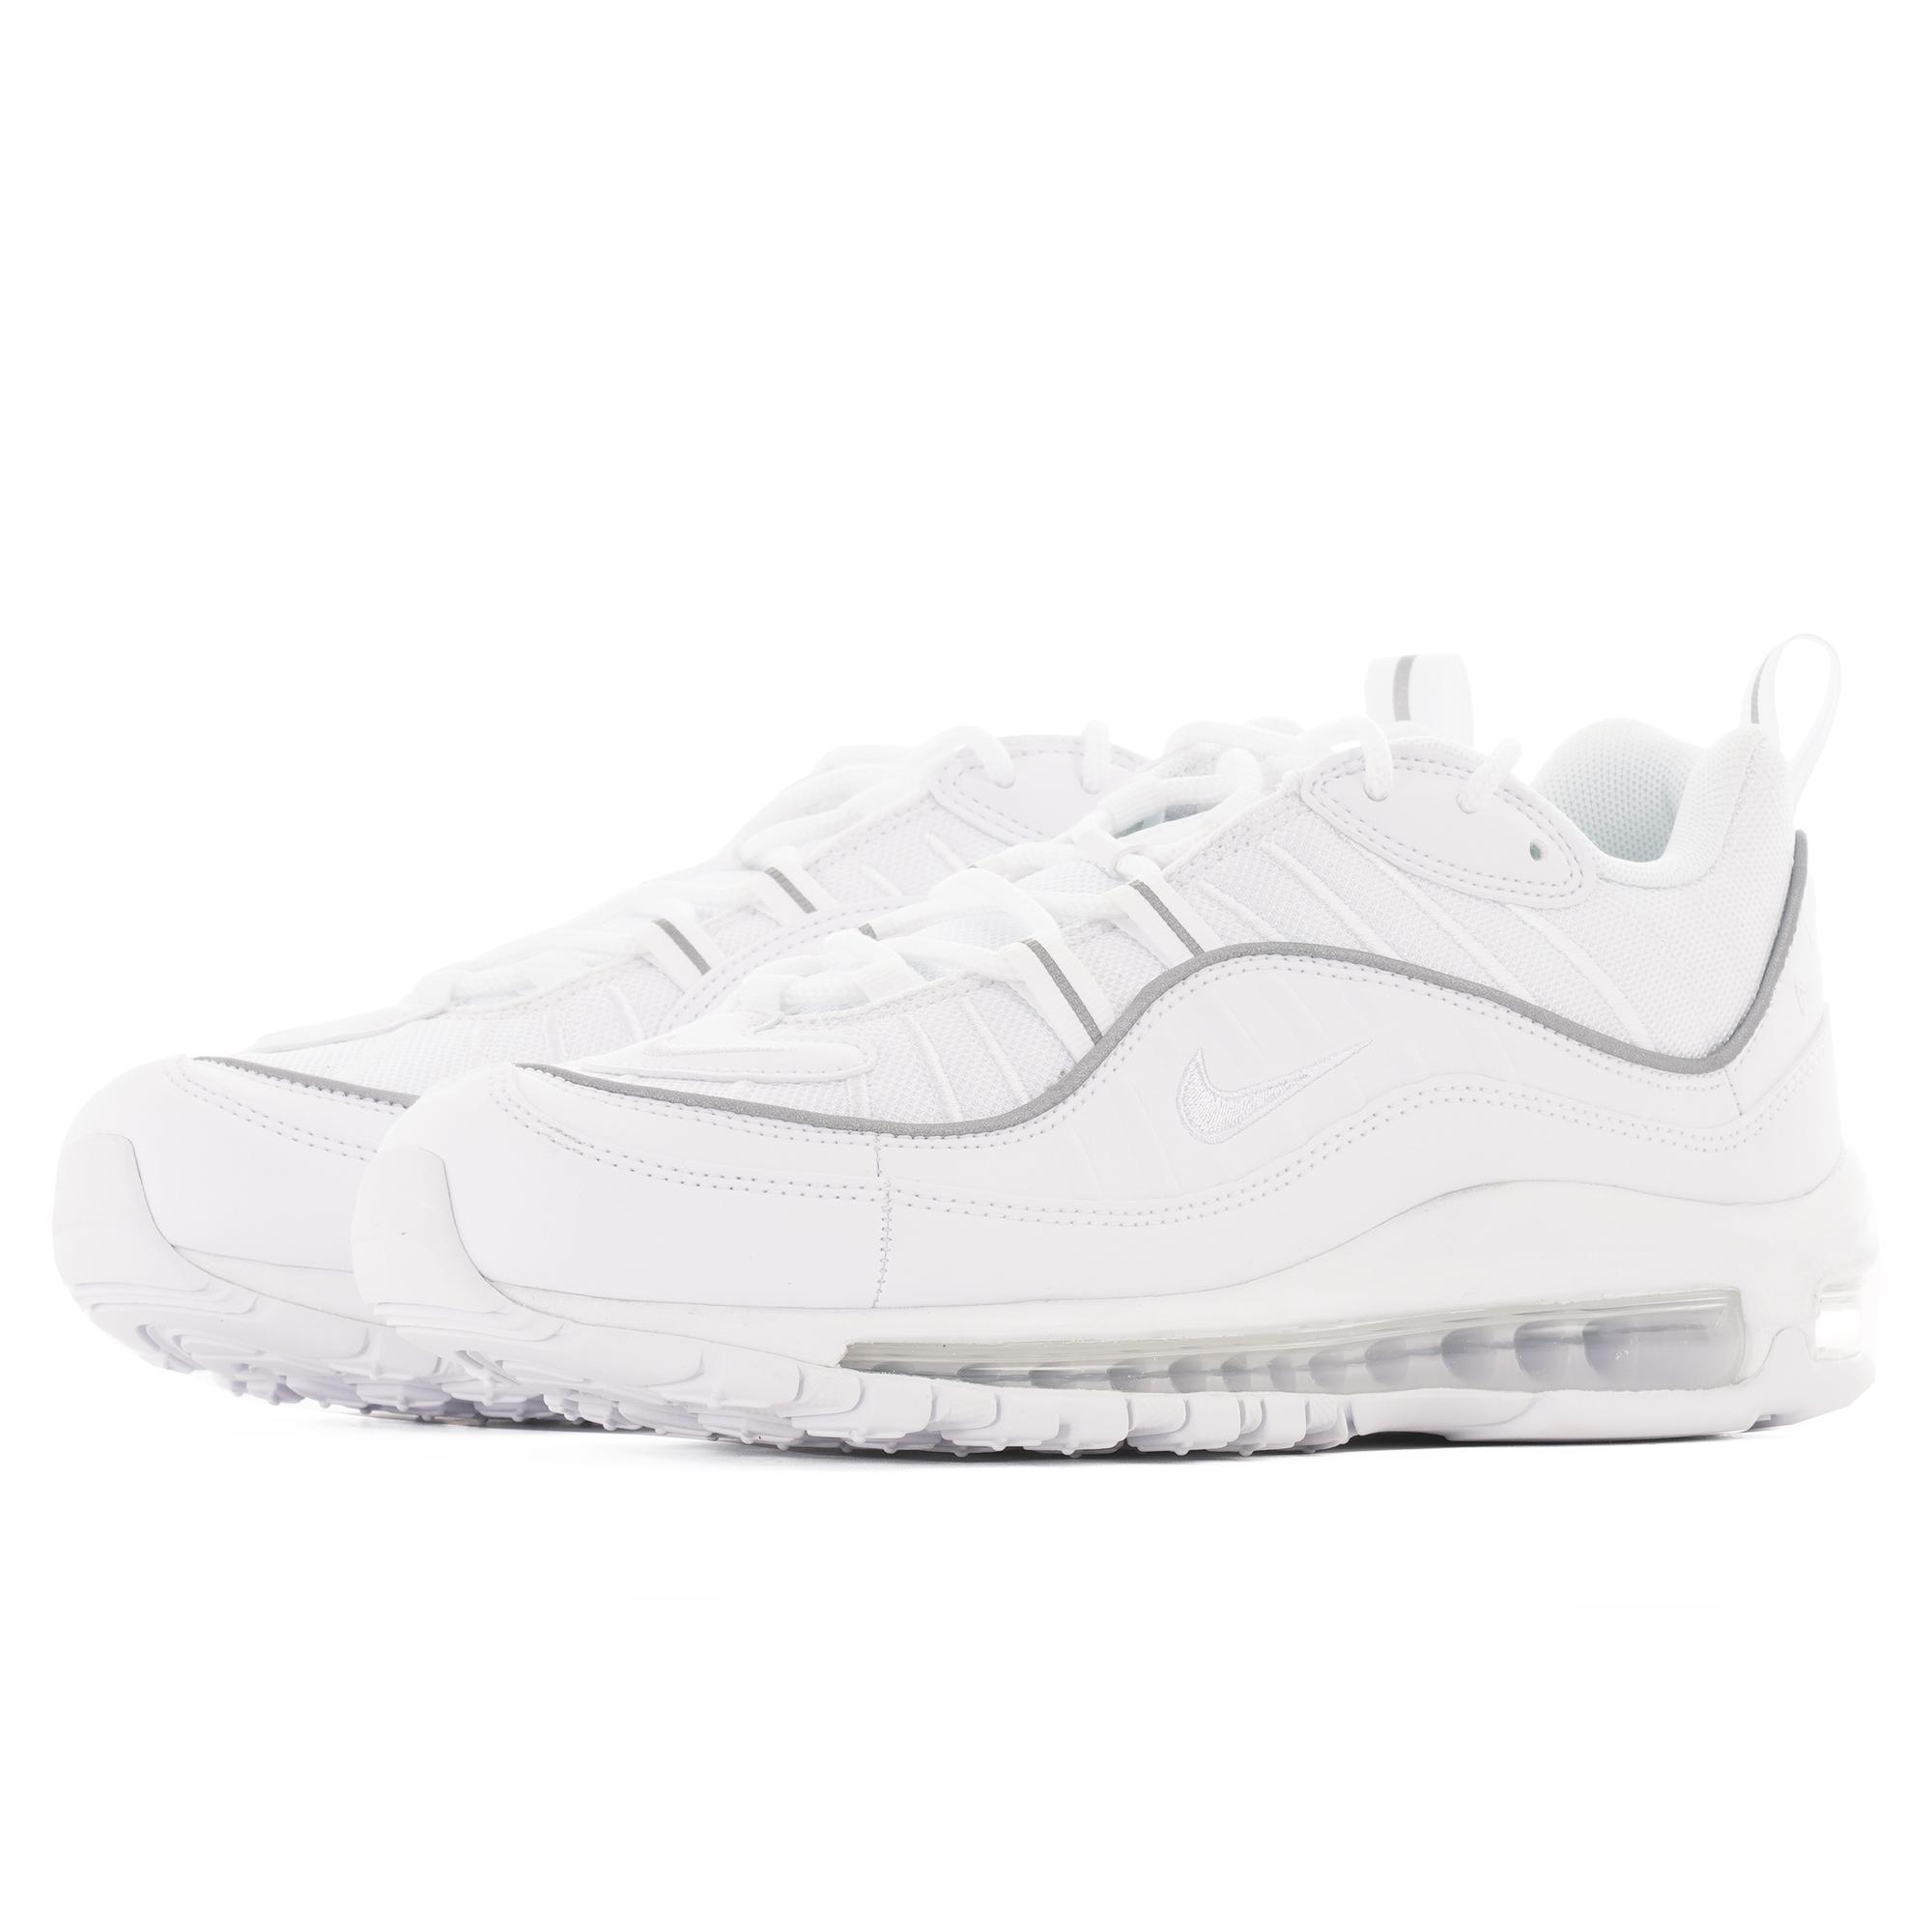 Nike Womens Air Max 98 - White